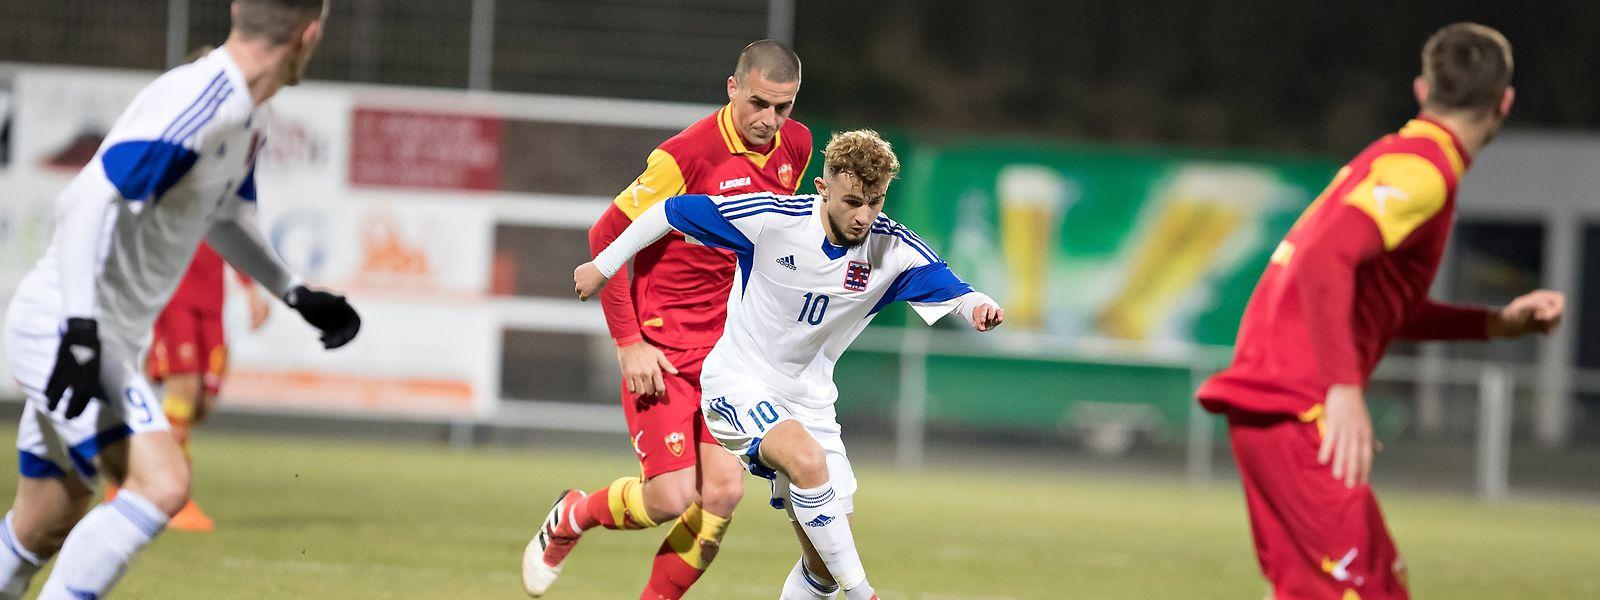 Belmin Muratovic (n°10, en blanc) a inscrit un but pour sa première sélection chez les Espoirs